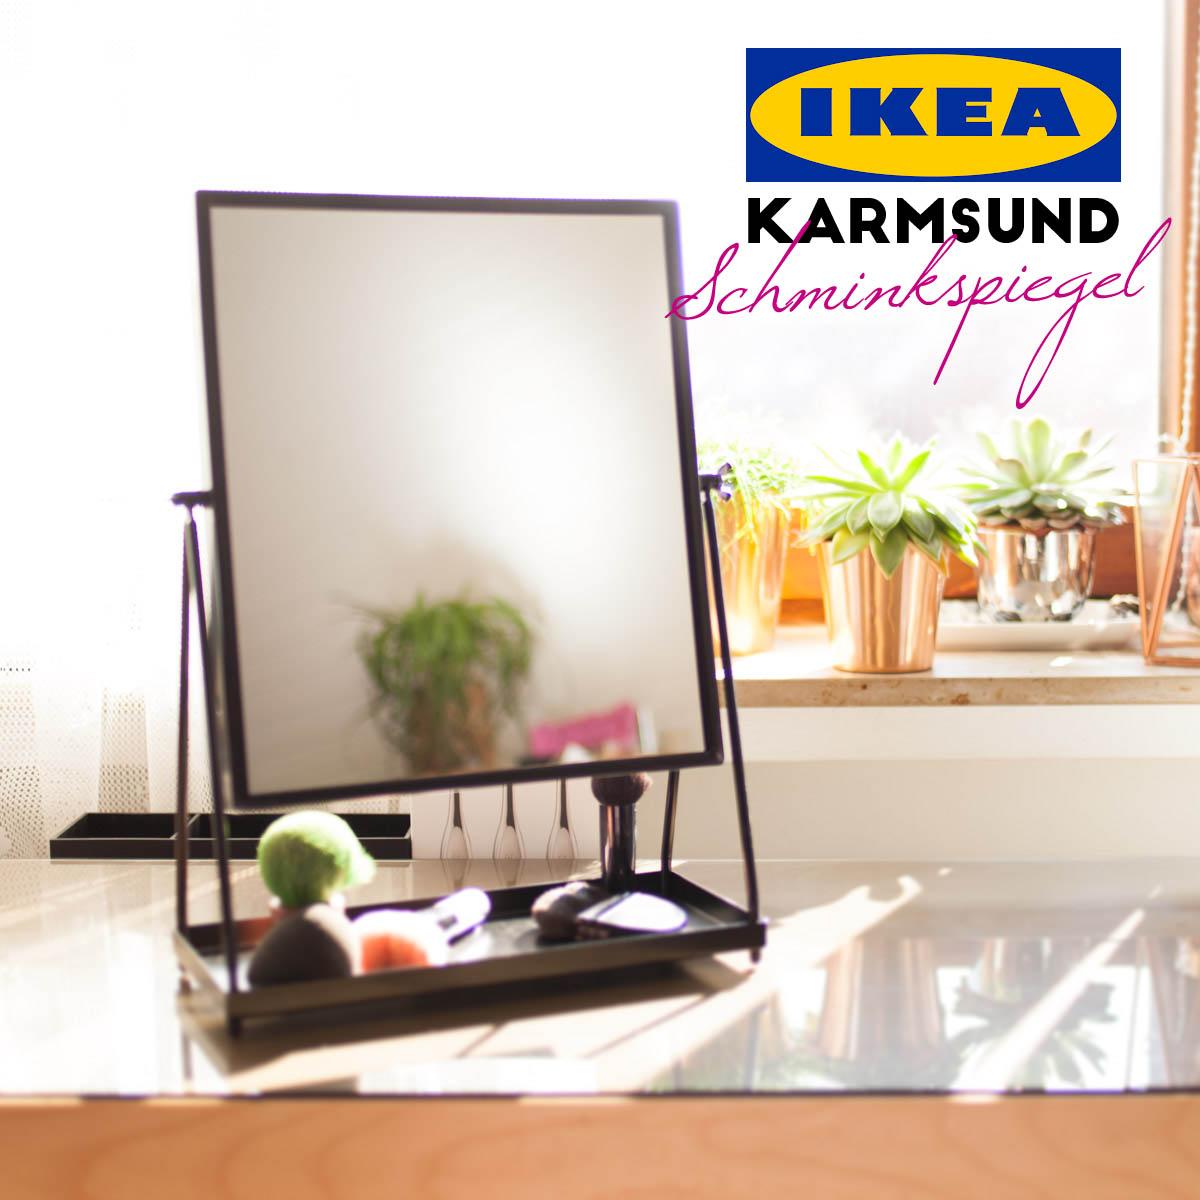 IKEA Karmsund Schminkspiegel vs IKEA Tysnes